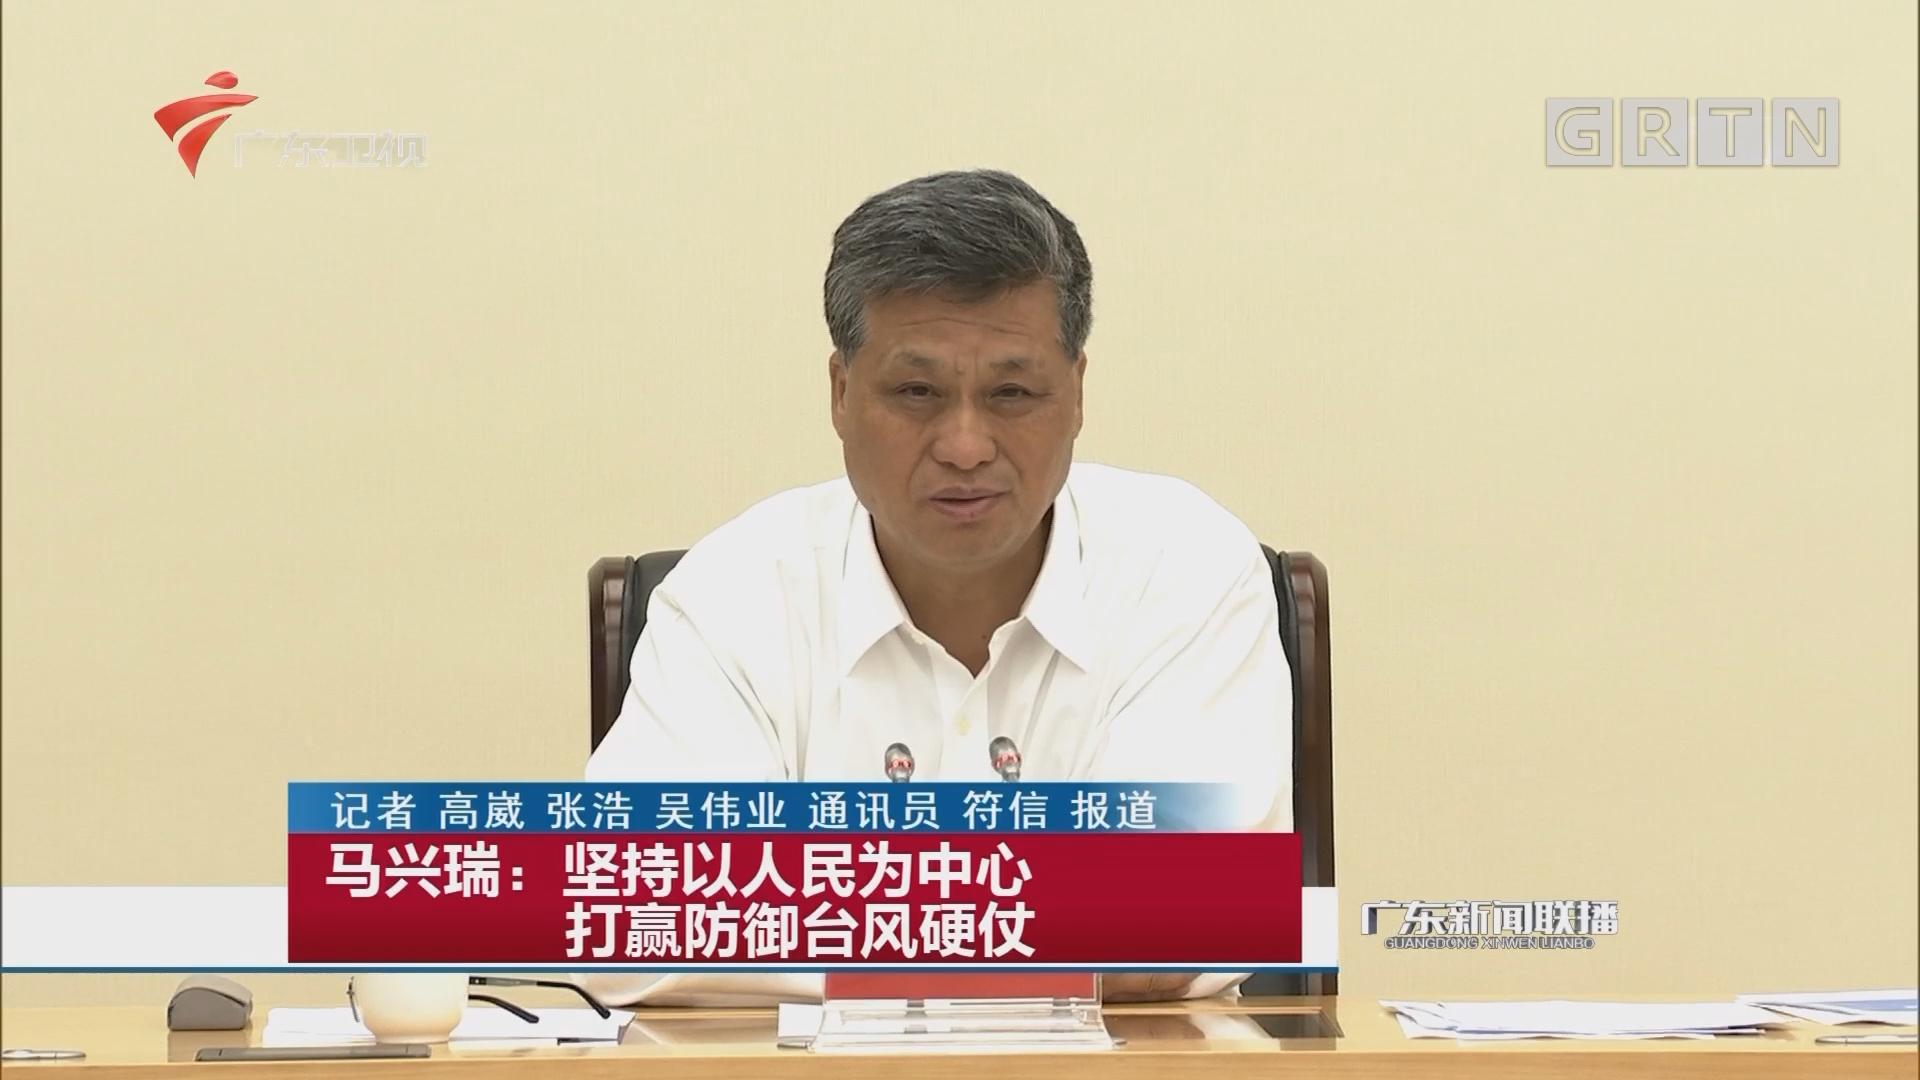 马兴瑞:坚持以人民为中心 打赢防御台风硬仗